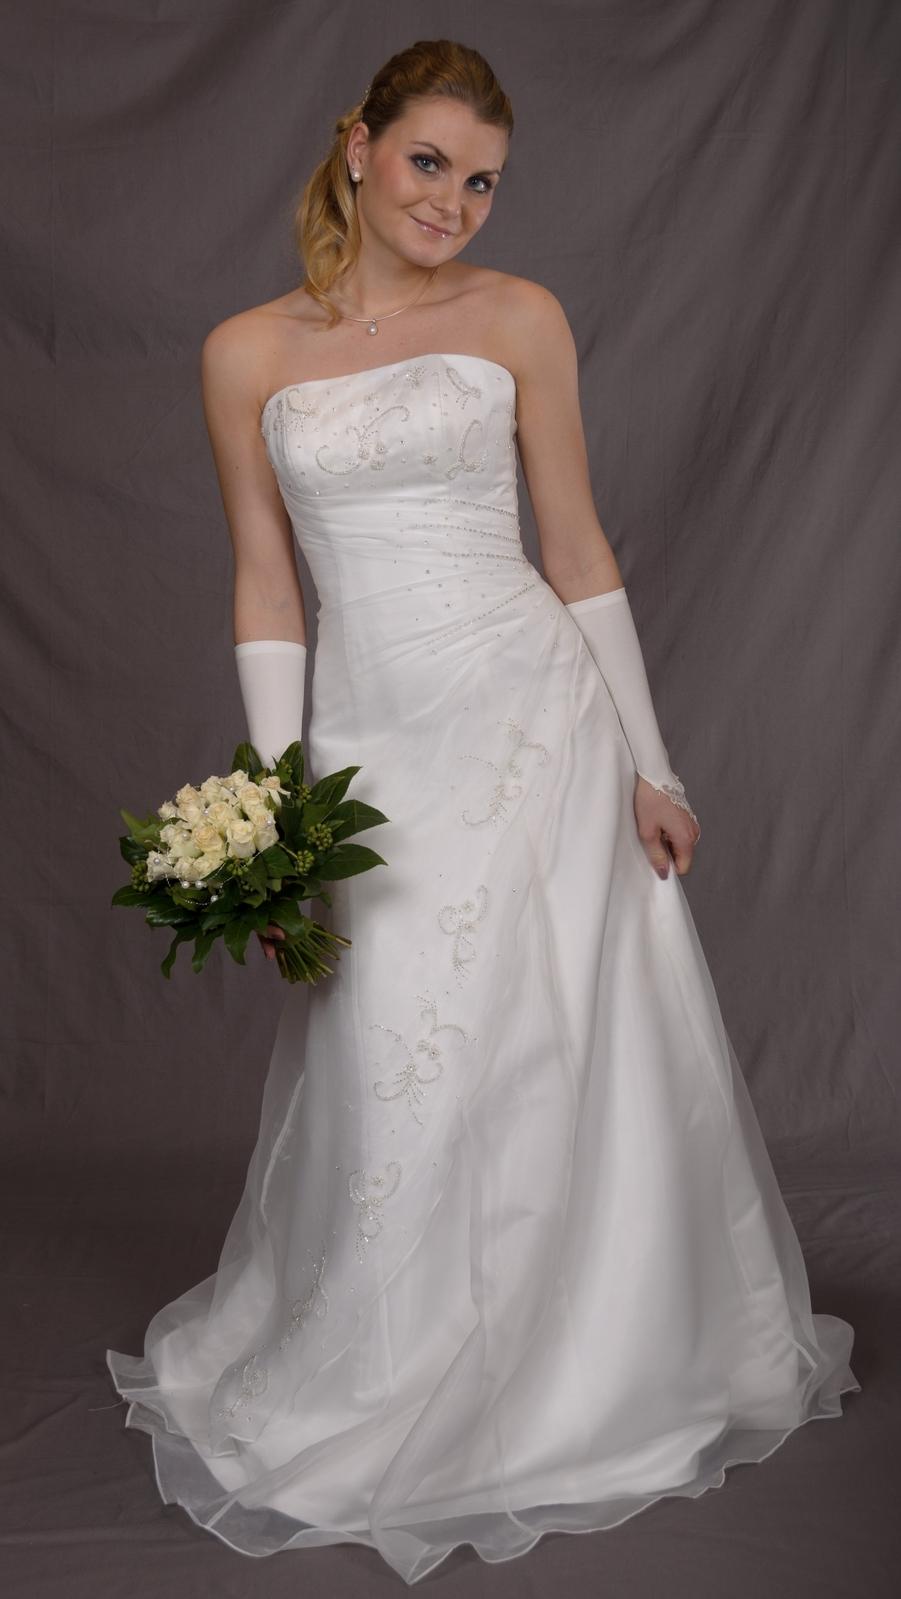 Hochzeitskleid Mieten: Rockabilly hochzeitskleid kaufen ...